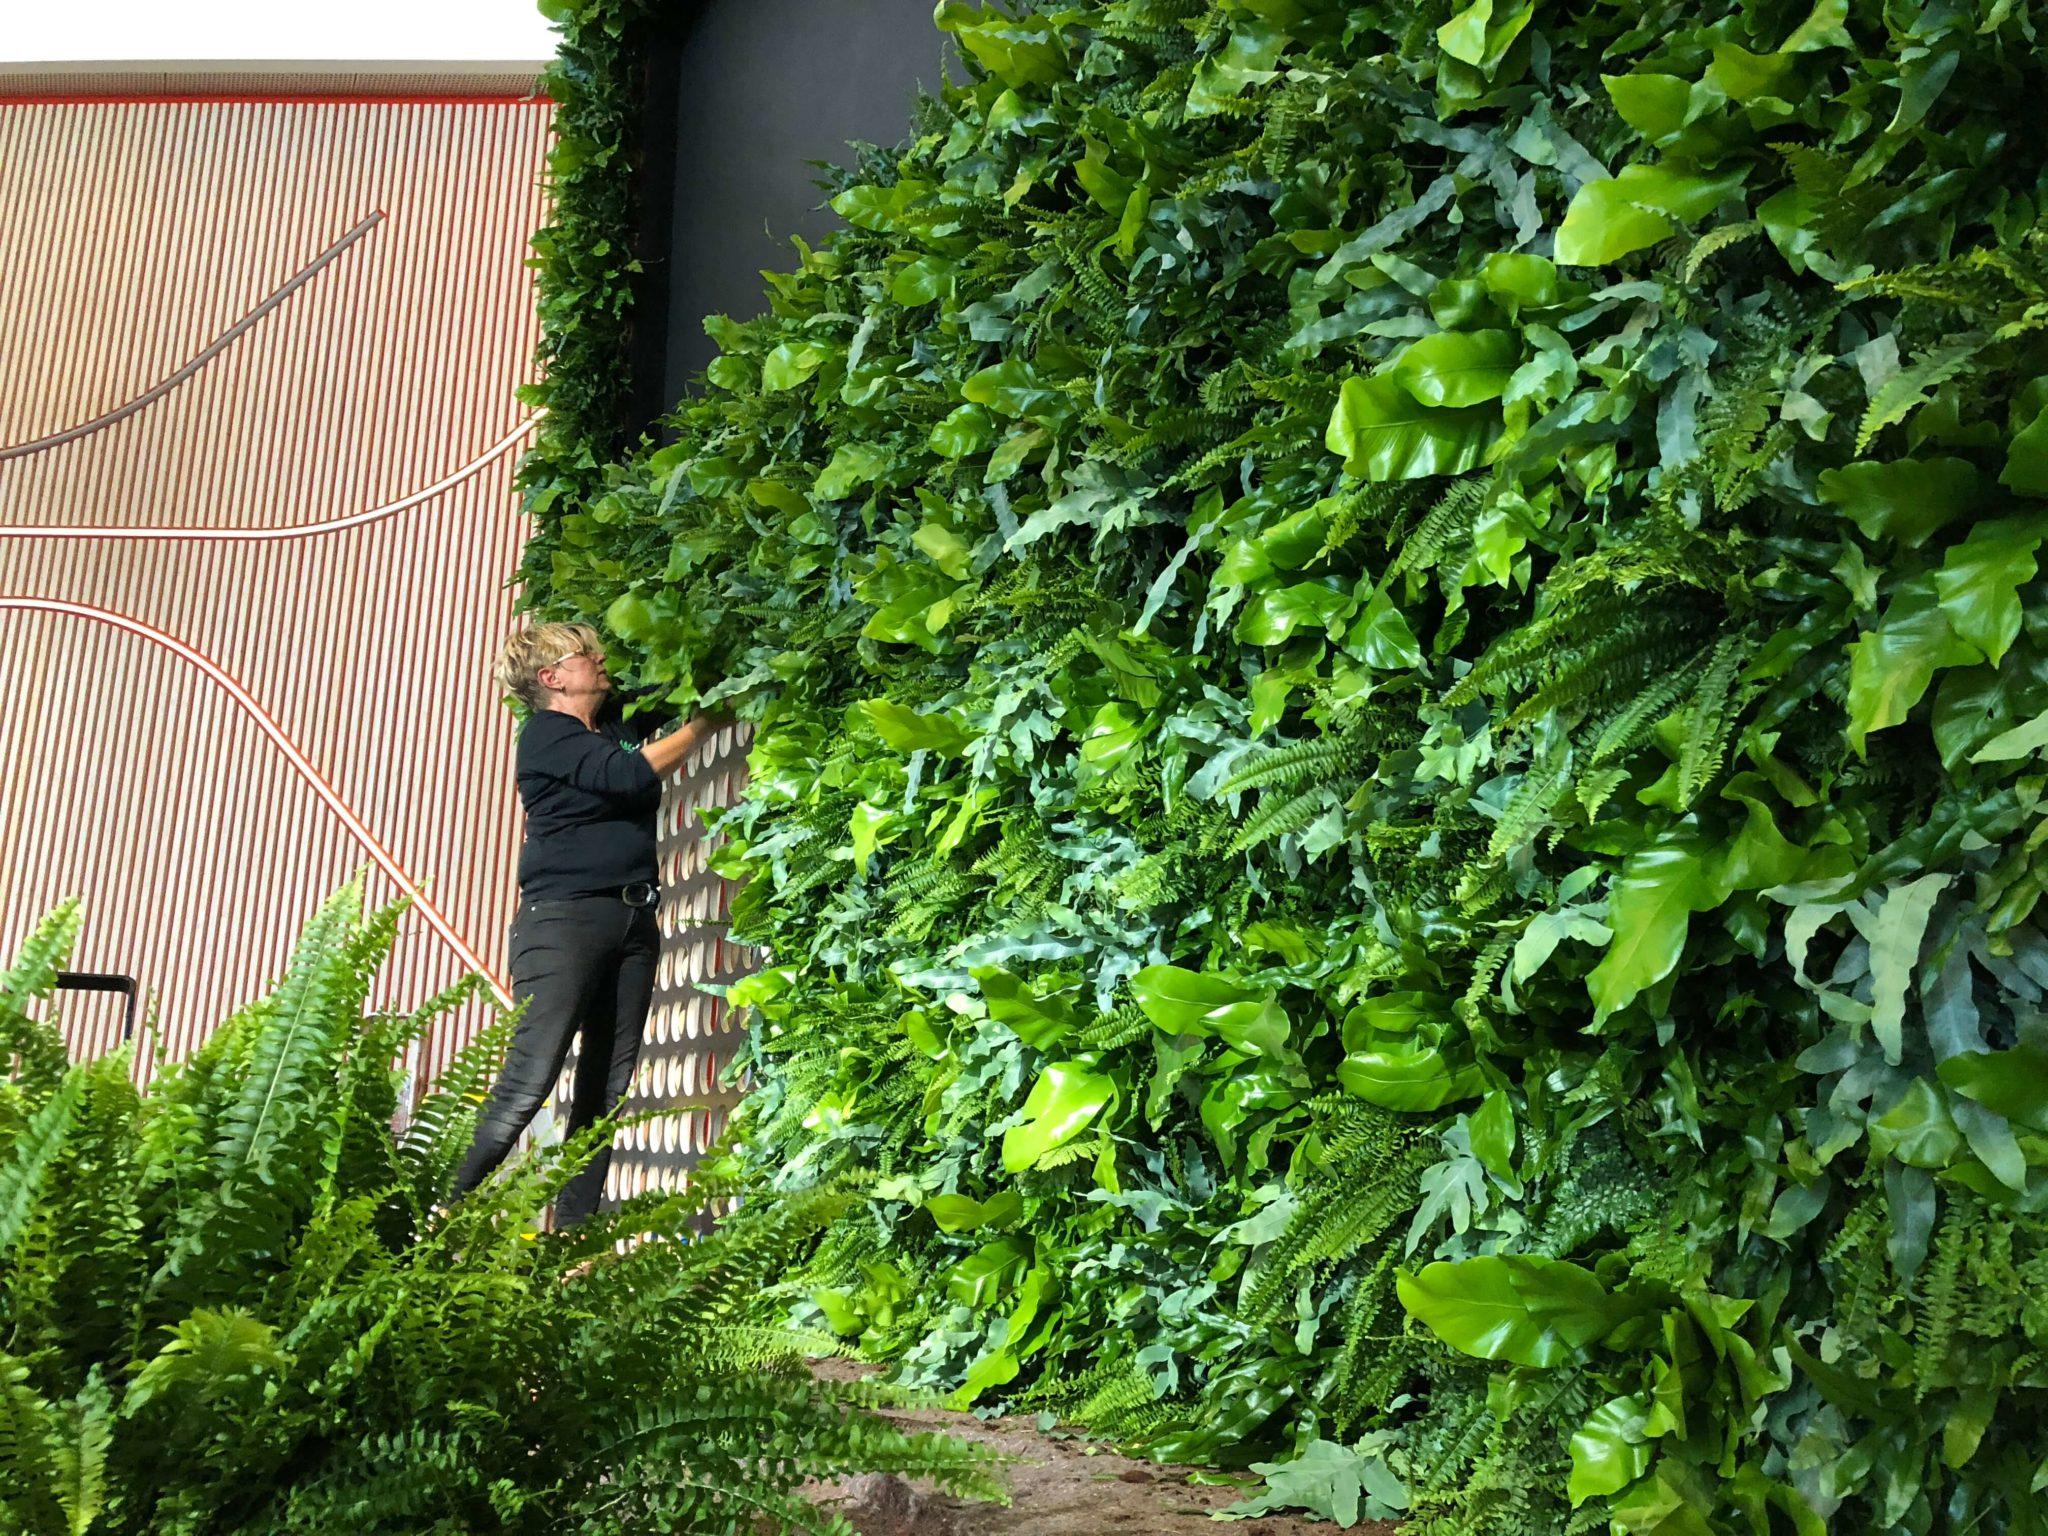 Obama på SDU, Obama i Kolding, plantevæg, Obama plantevæg, plantevæg SDU, Plantevæg SDU Kolding